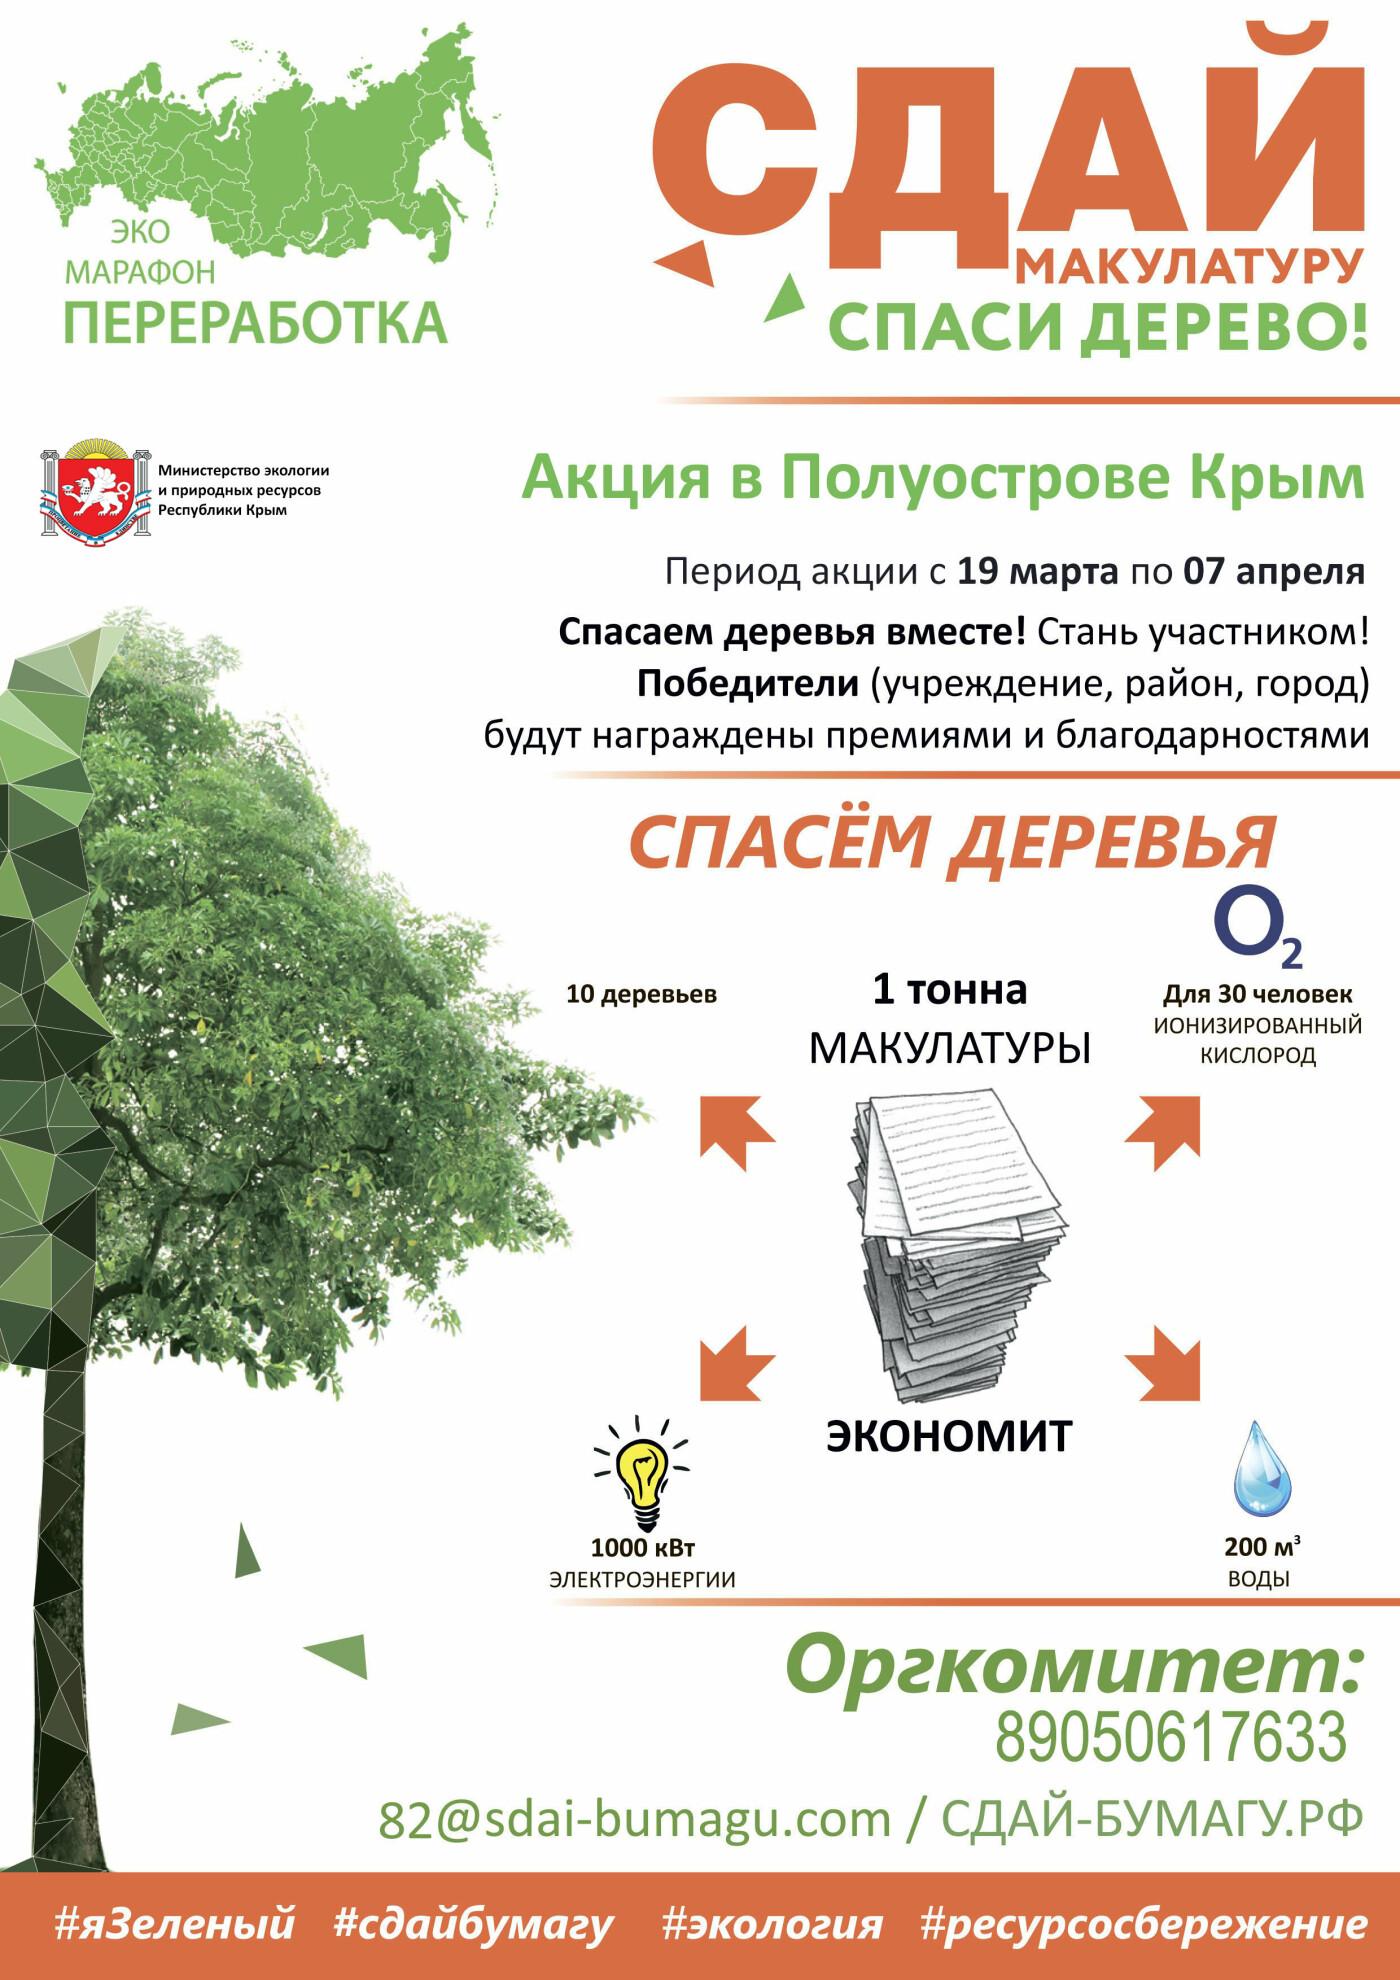 Жители Ялты, сдав макулатуру, могут выиграть для города аллею деревьев , фото-1